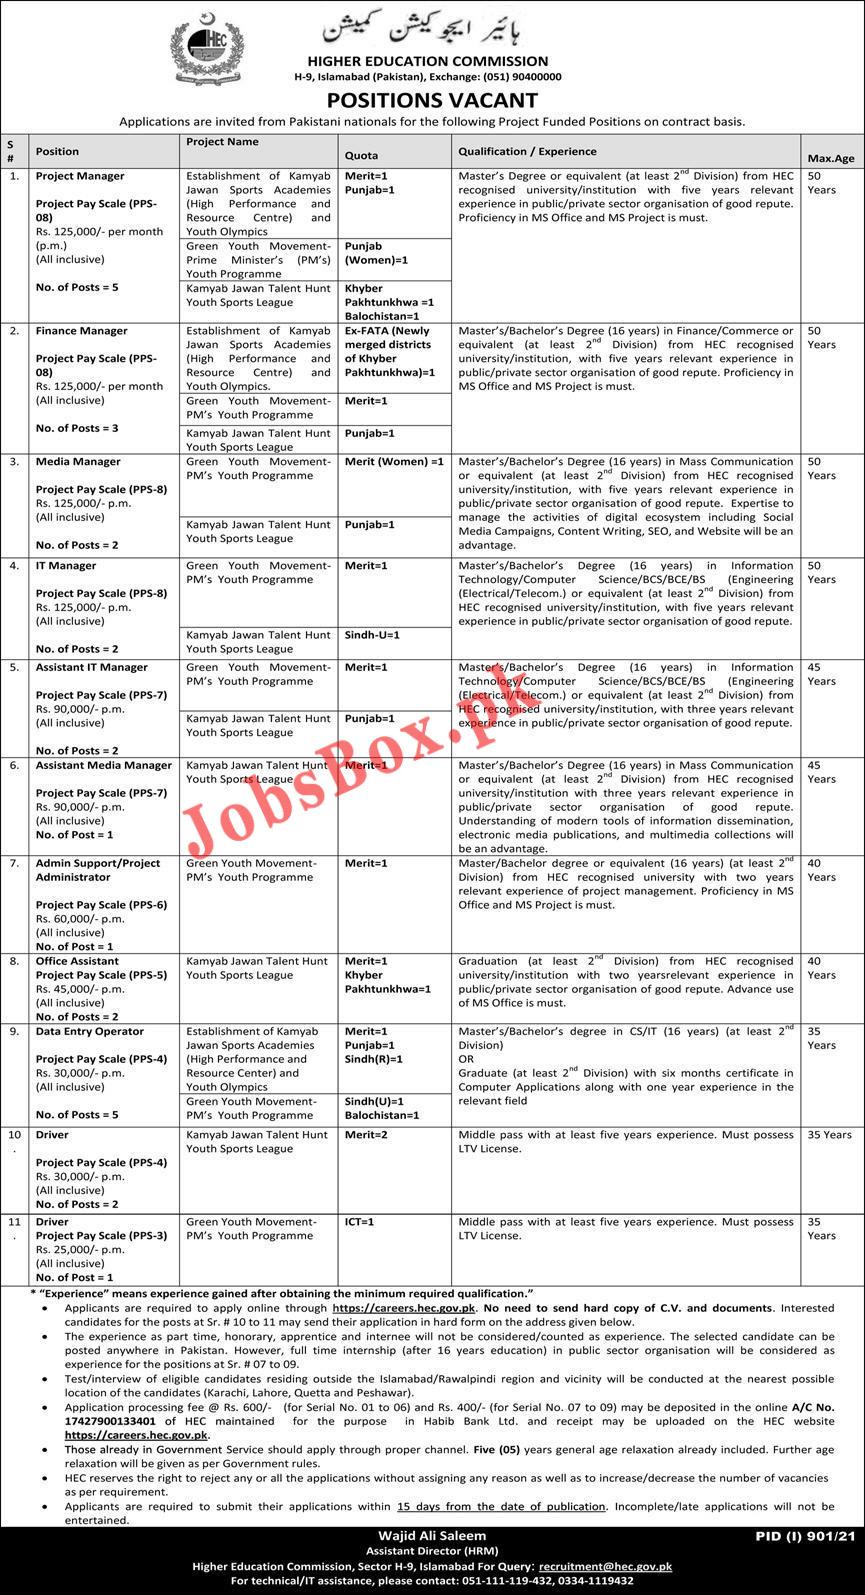 https://careers.hec.gov.pk - HEC Job Portal - HEC Jobs 2021 Advertisement - HEC Careers